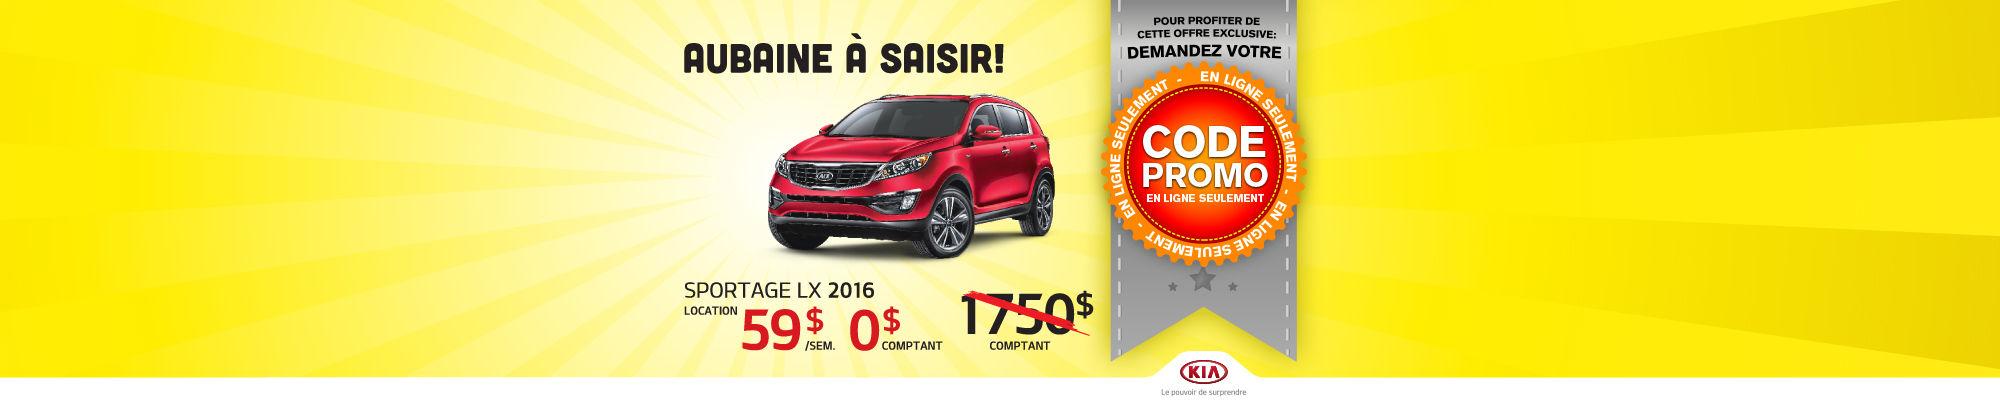 Code promo - Kia Sportage LX 2015